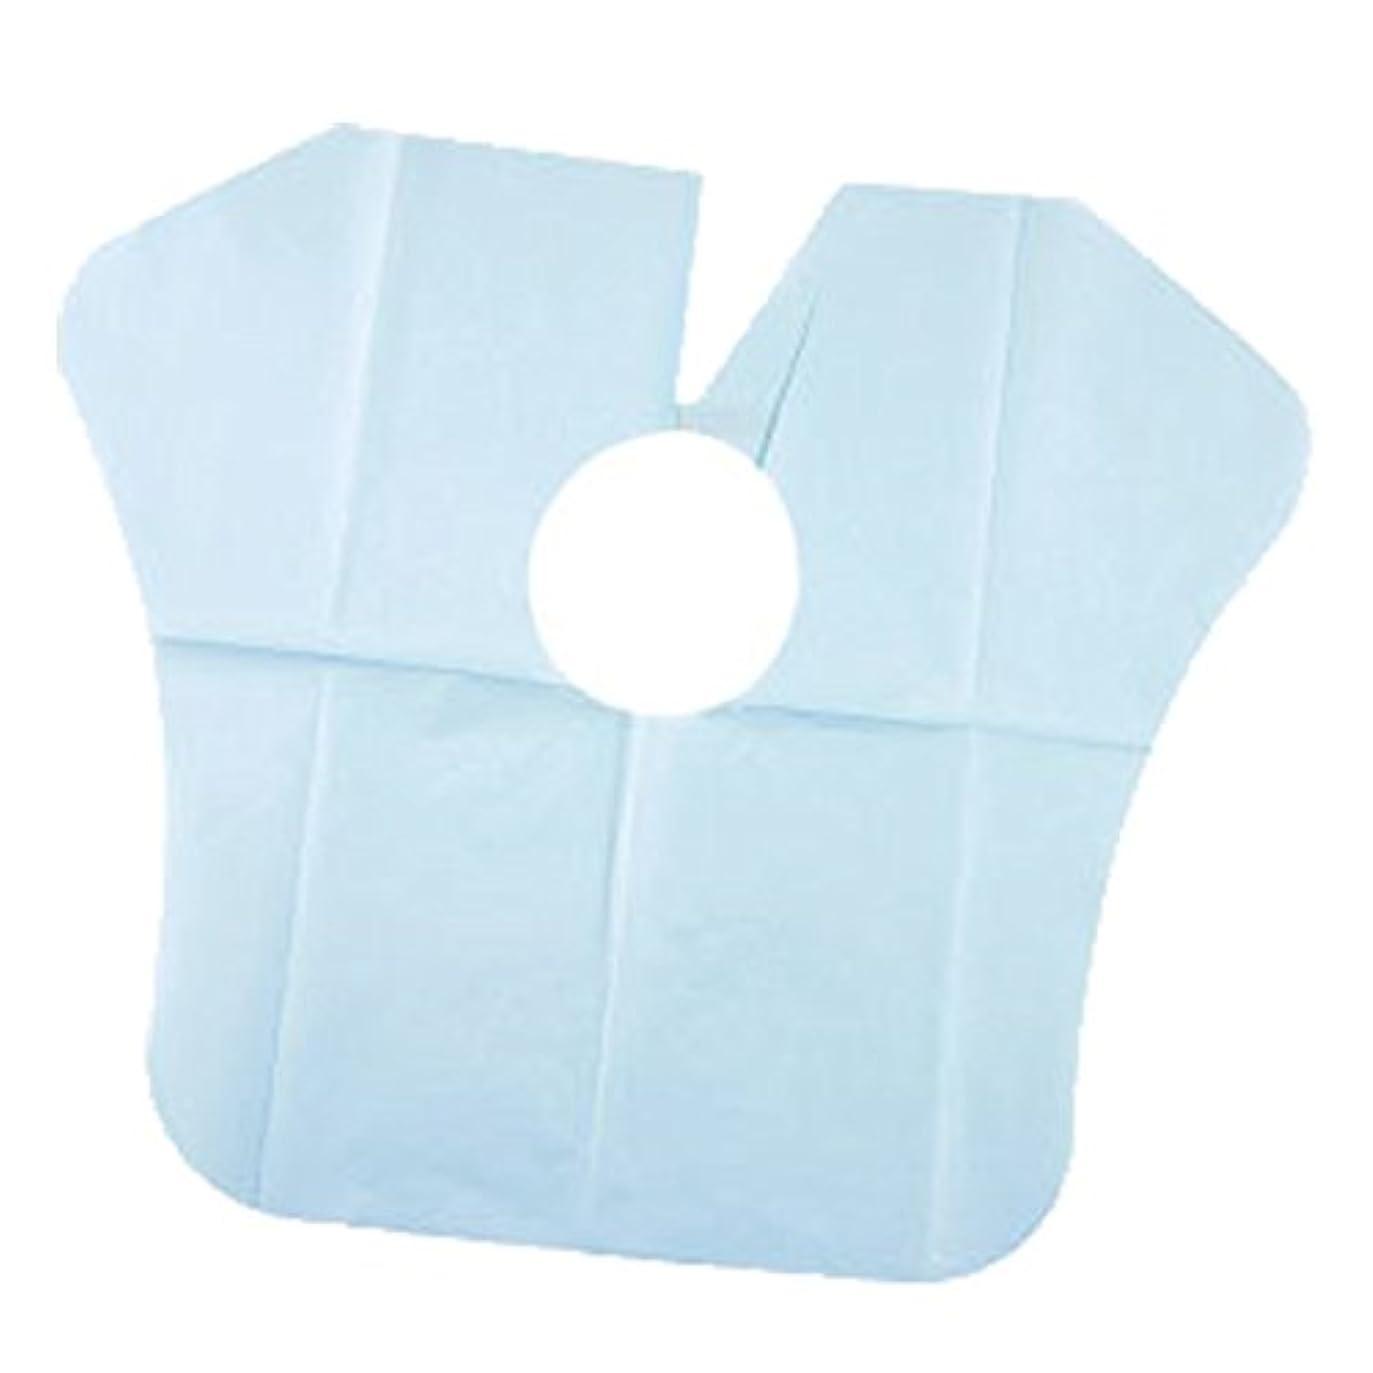 窓十分ではない者ヨネコ ペーパーケープ 30枚入 不織布 ヘアダイクロスを汚れから守ります! YONECO